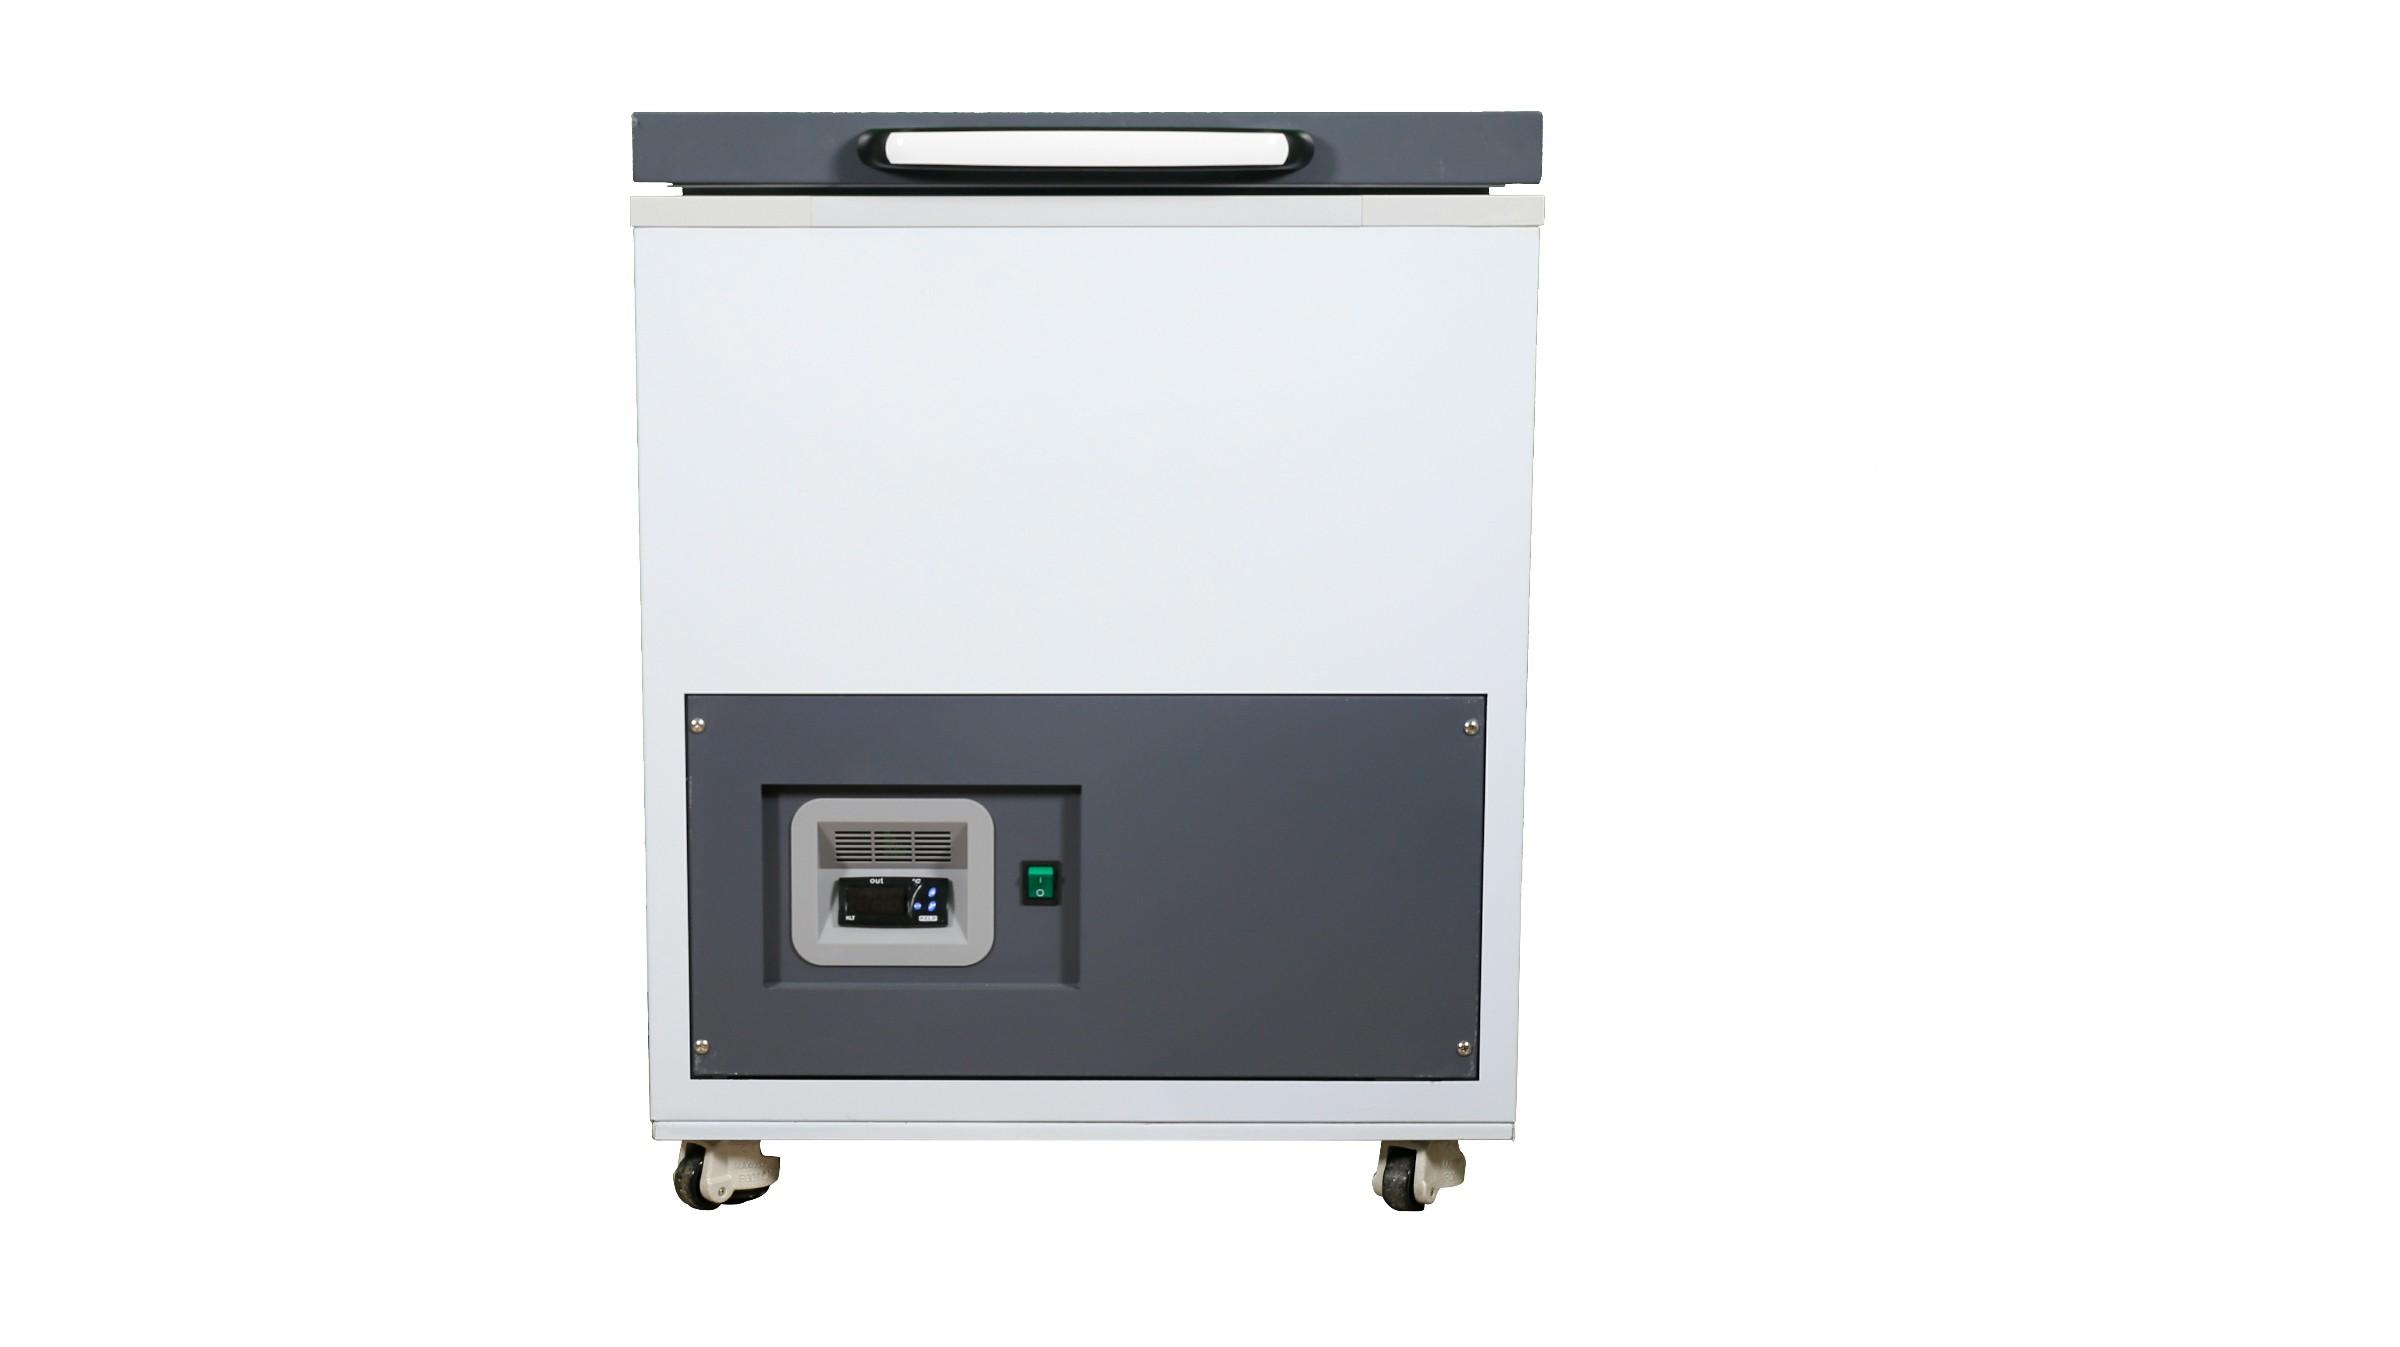 为您推荐超实惠的-180度冷冻机 优惠的冰箱